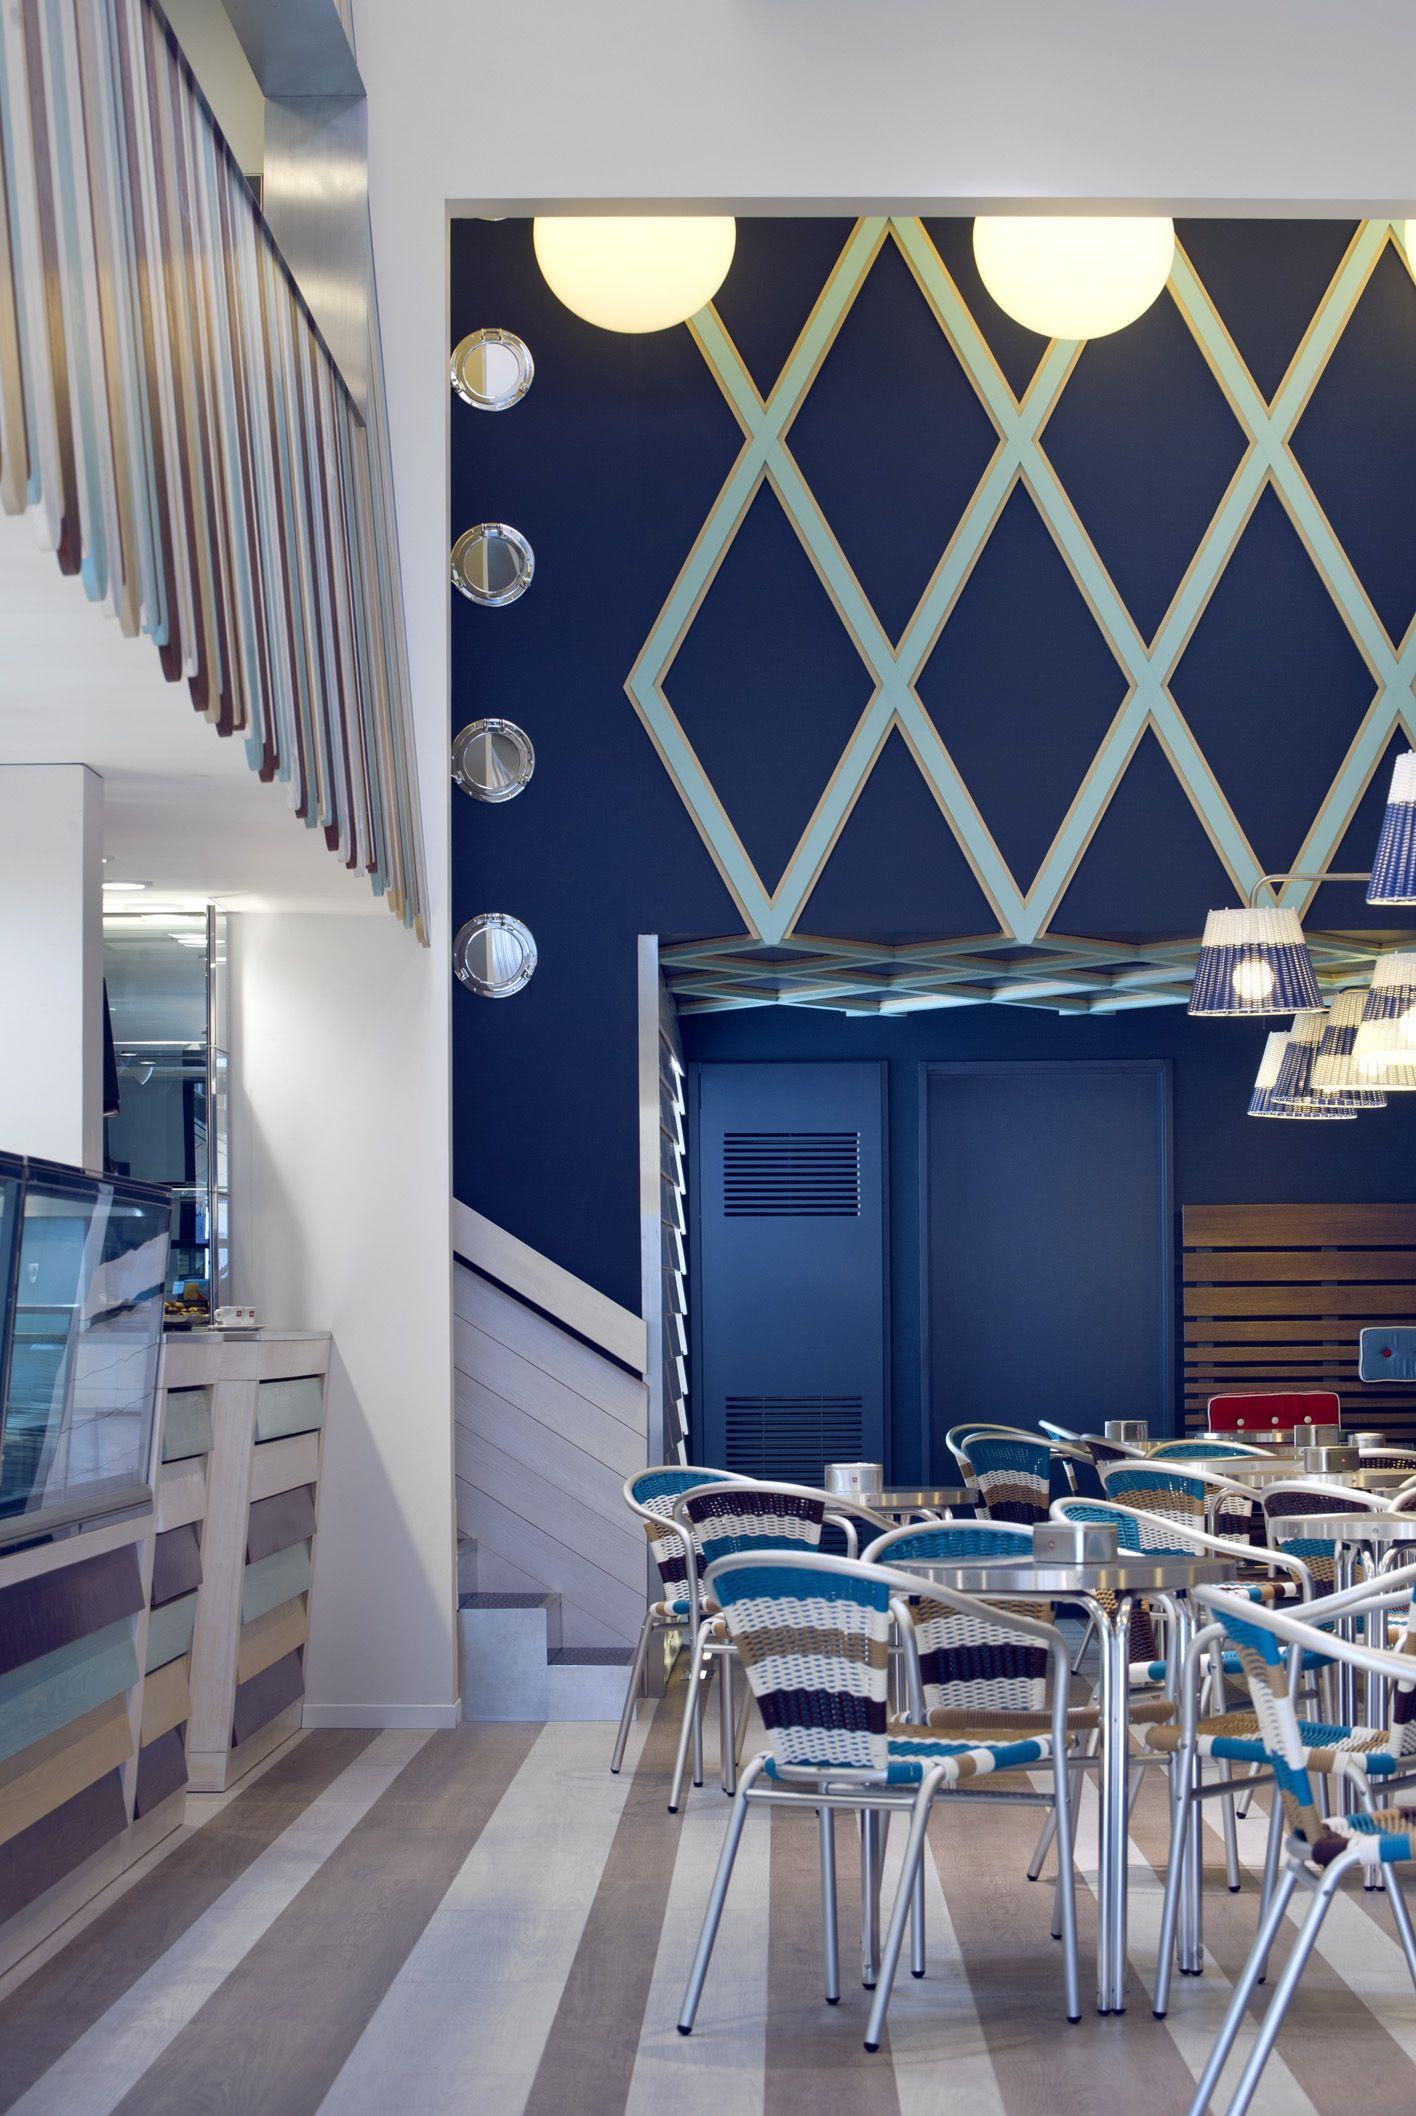 Arredamento e design d 39 interni per la gelateria possi for Design d interni